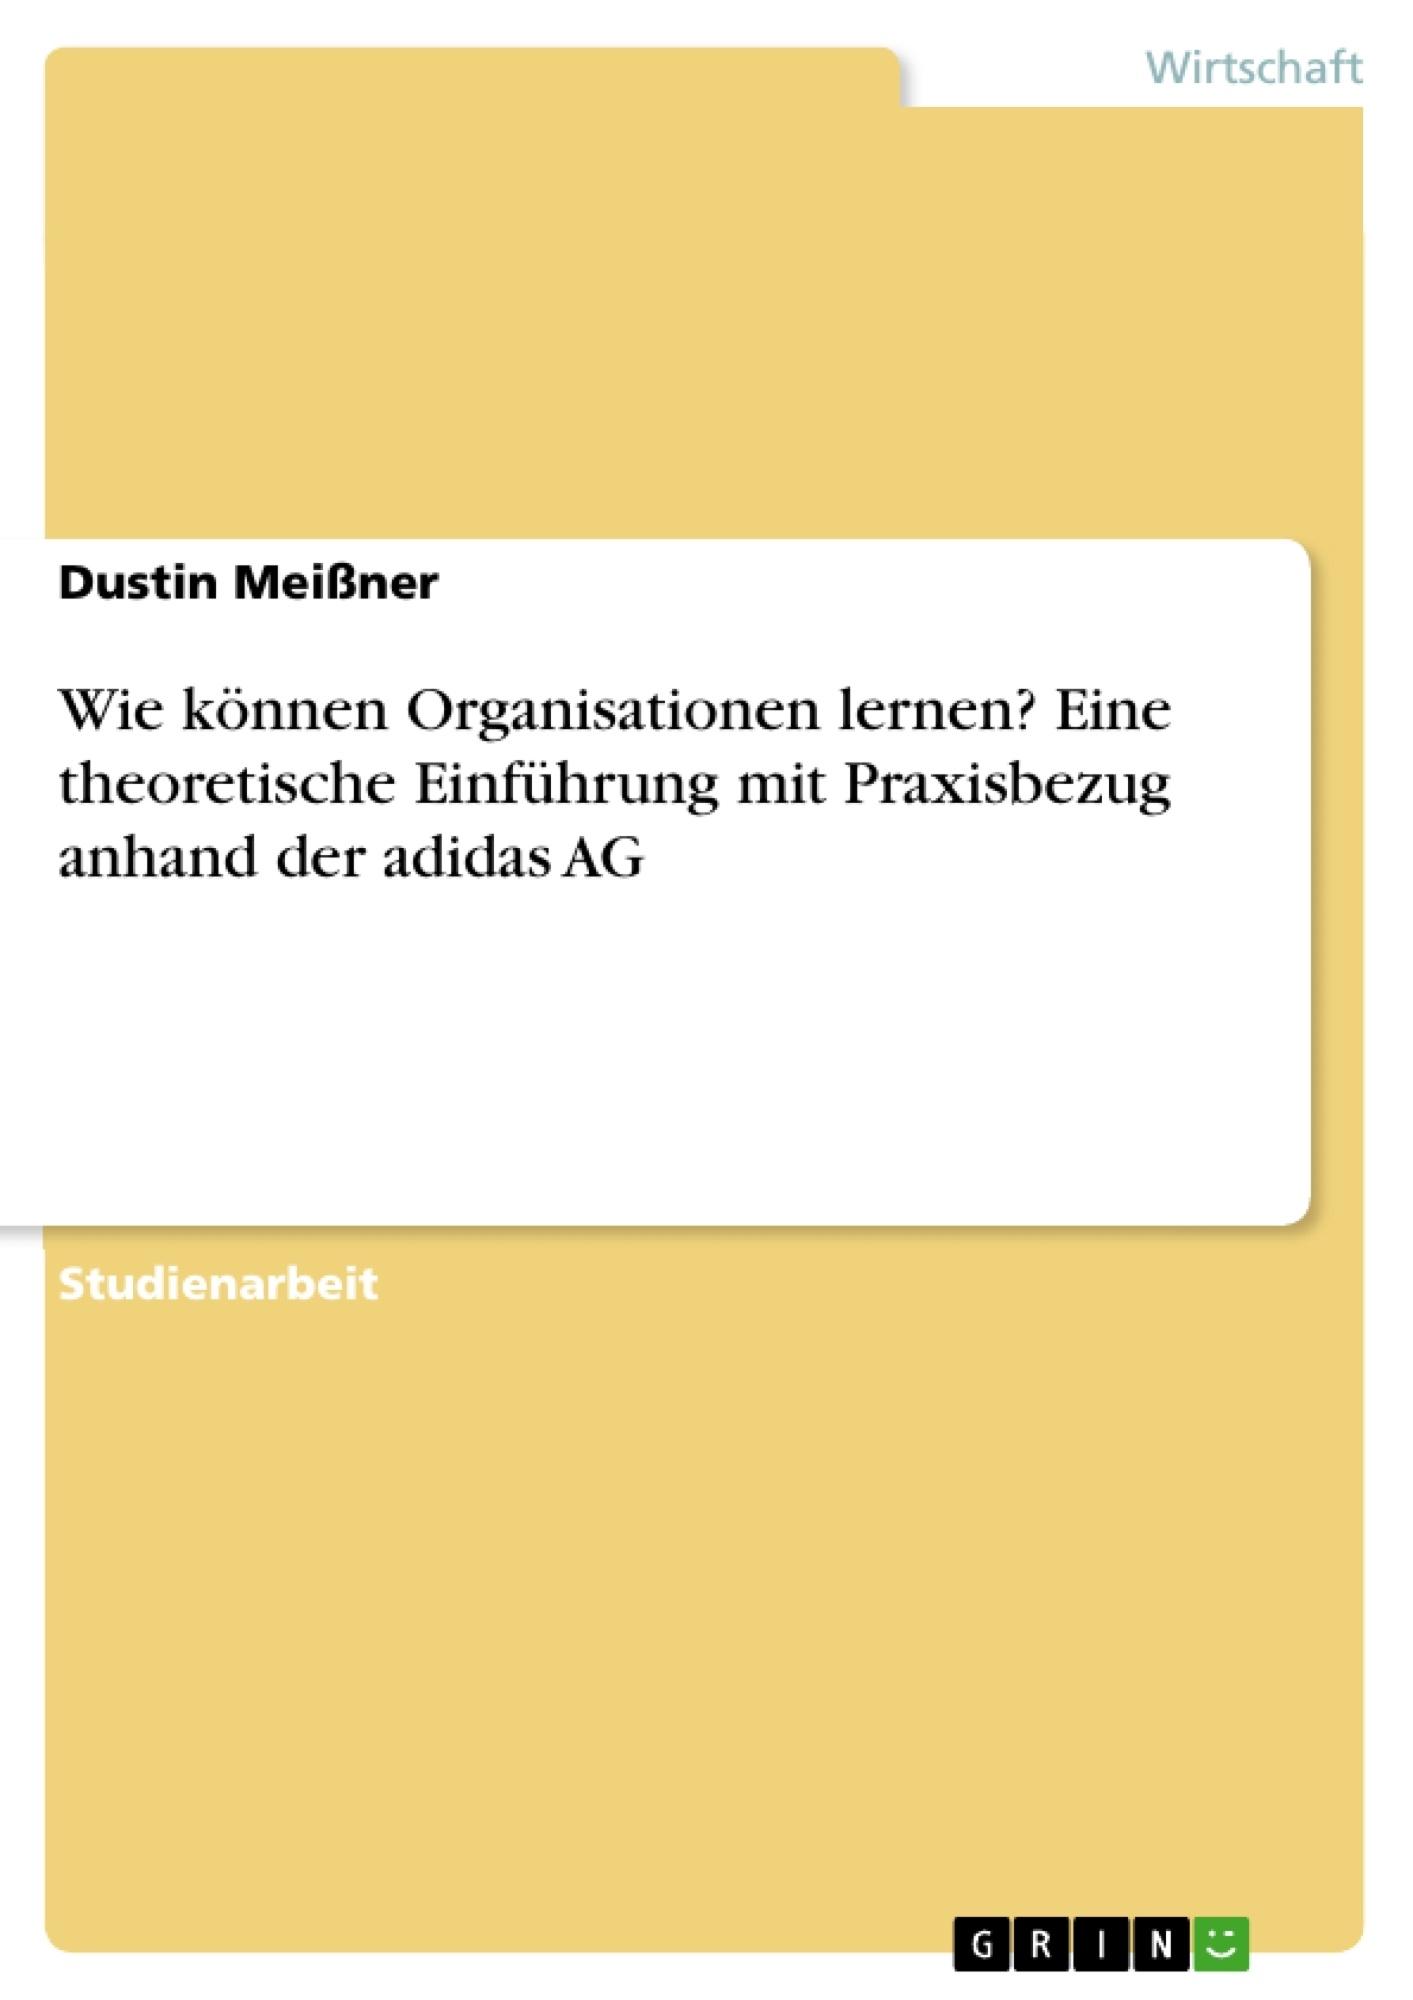 Titel: Wie können Organisationen lernen? Eine theoretische Einführung mit Praxisbezug anhand der adidas AG